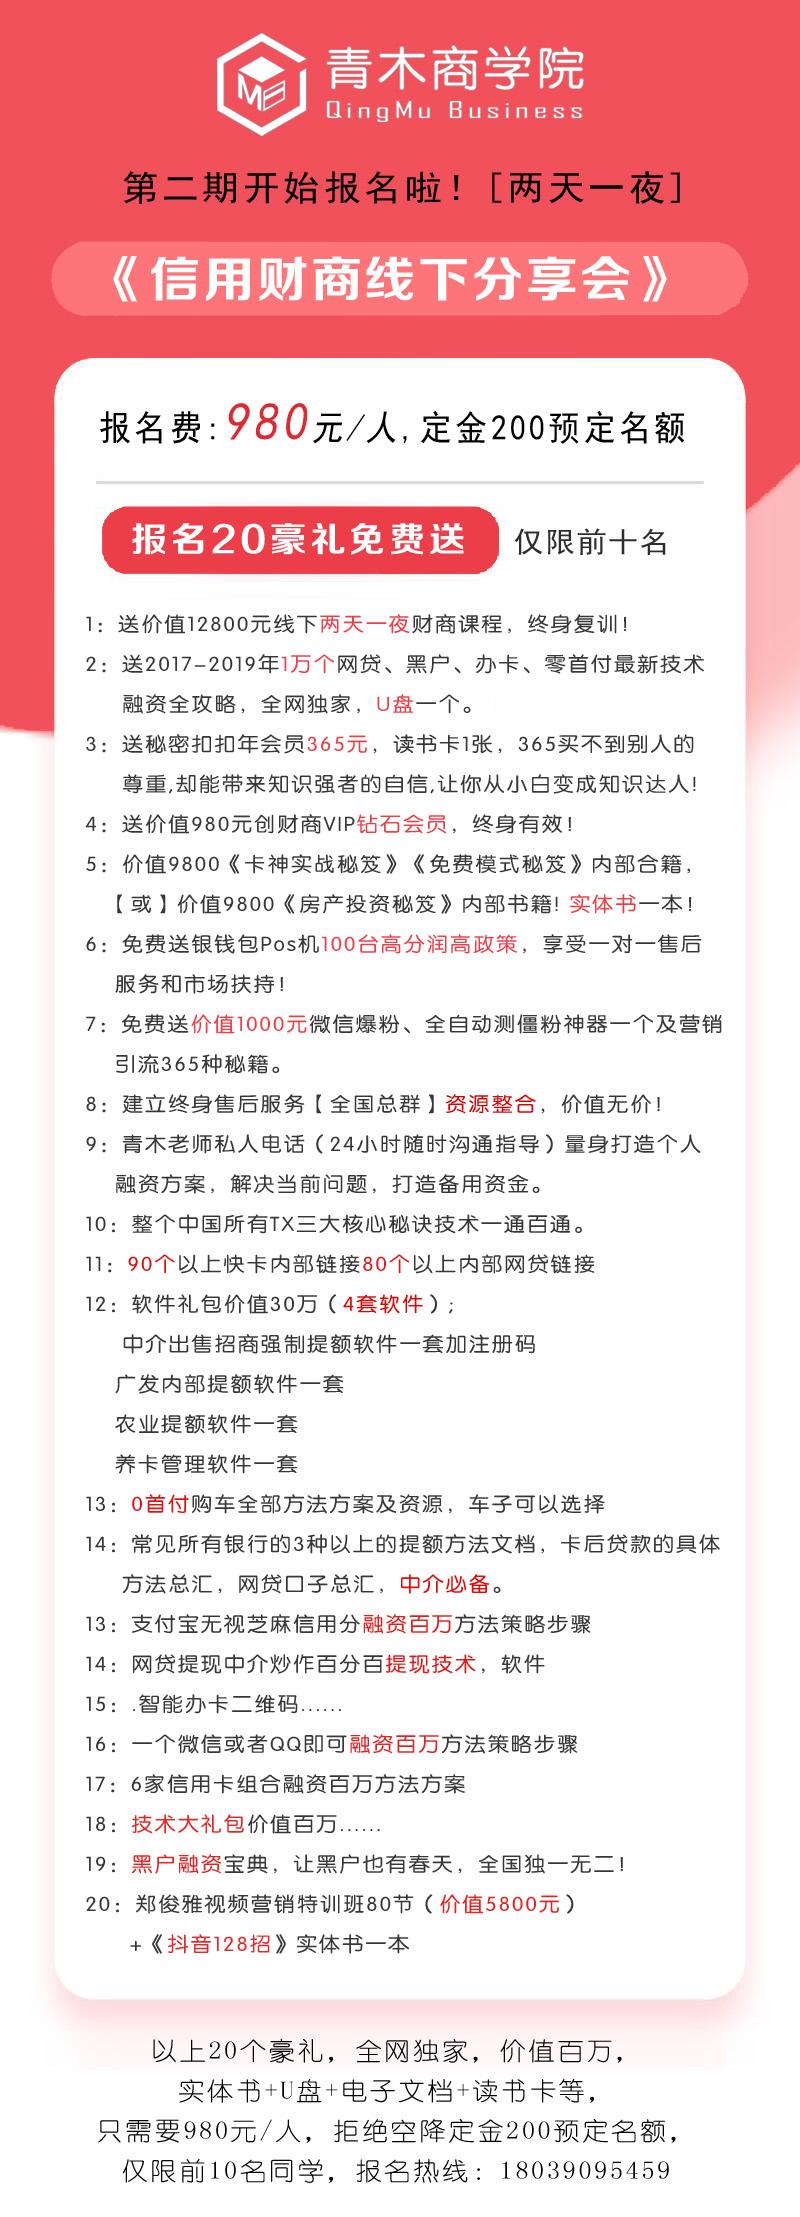 青木商学院:信用财商线下分享会,开始报名啦!20豪礼免费送!